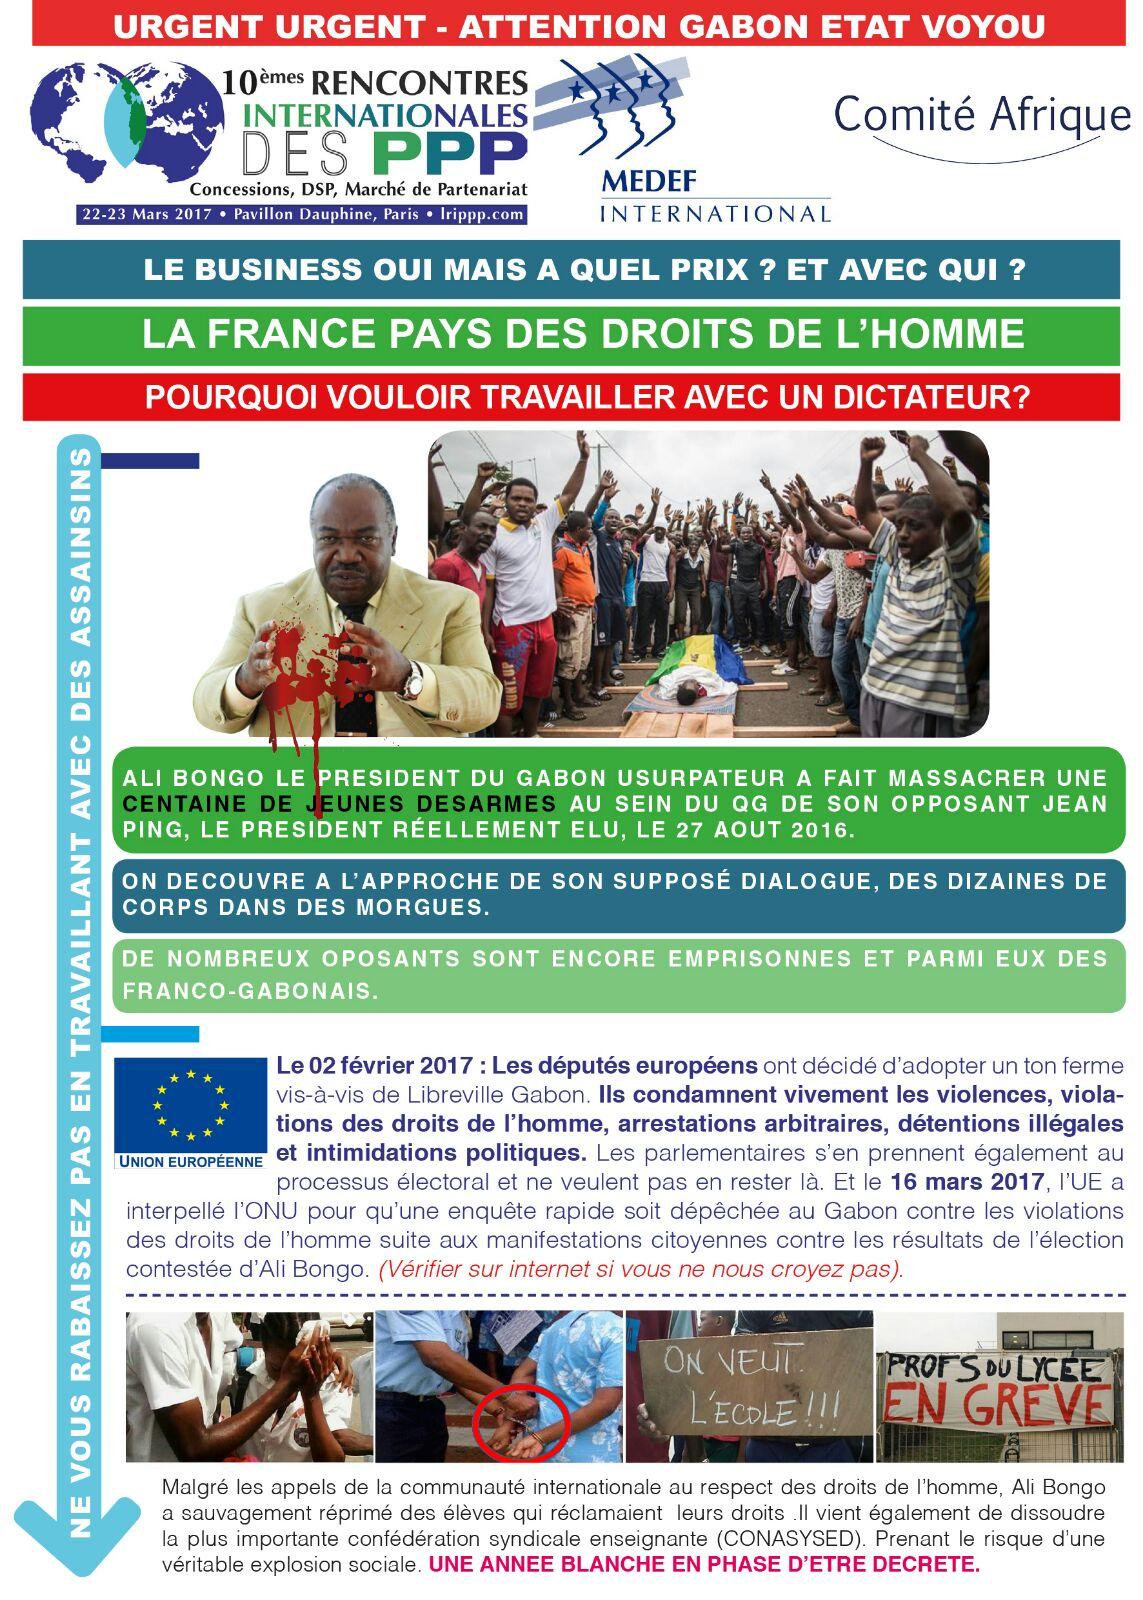 GABON/FRANCE:LA DIASPORA PROTESTE CONTRE la MAIN TENDUE du MEDEF AU GOUVERNEMENT d'ALI BONGO (JMTV+)